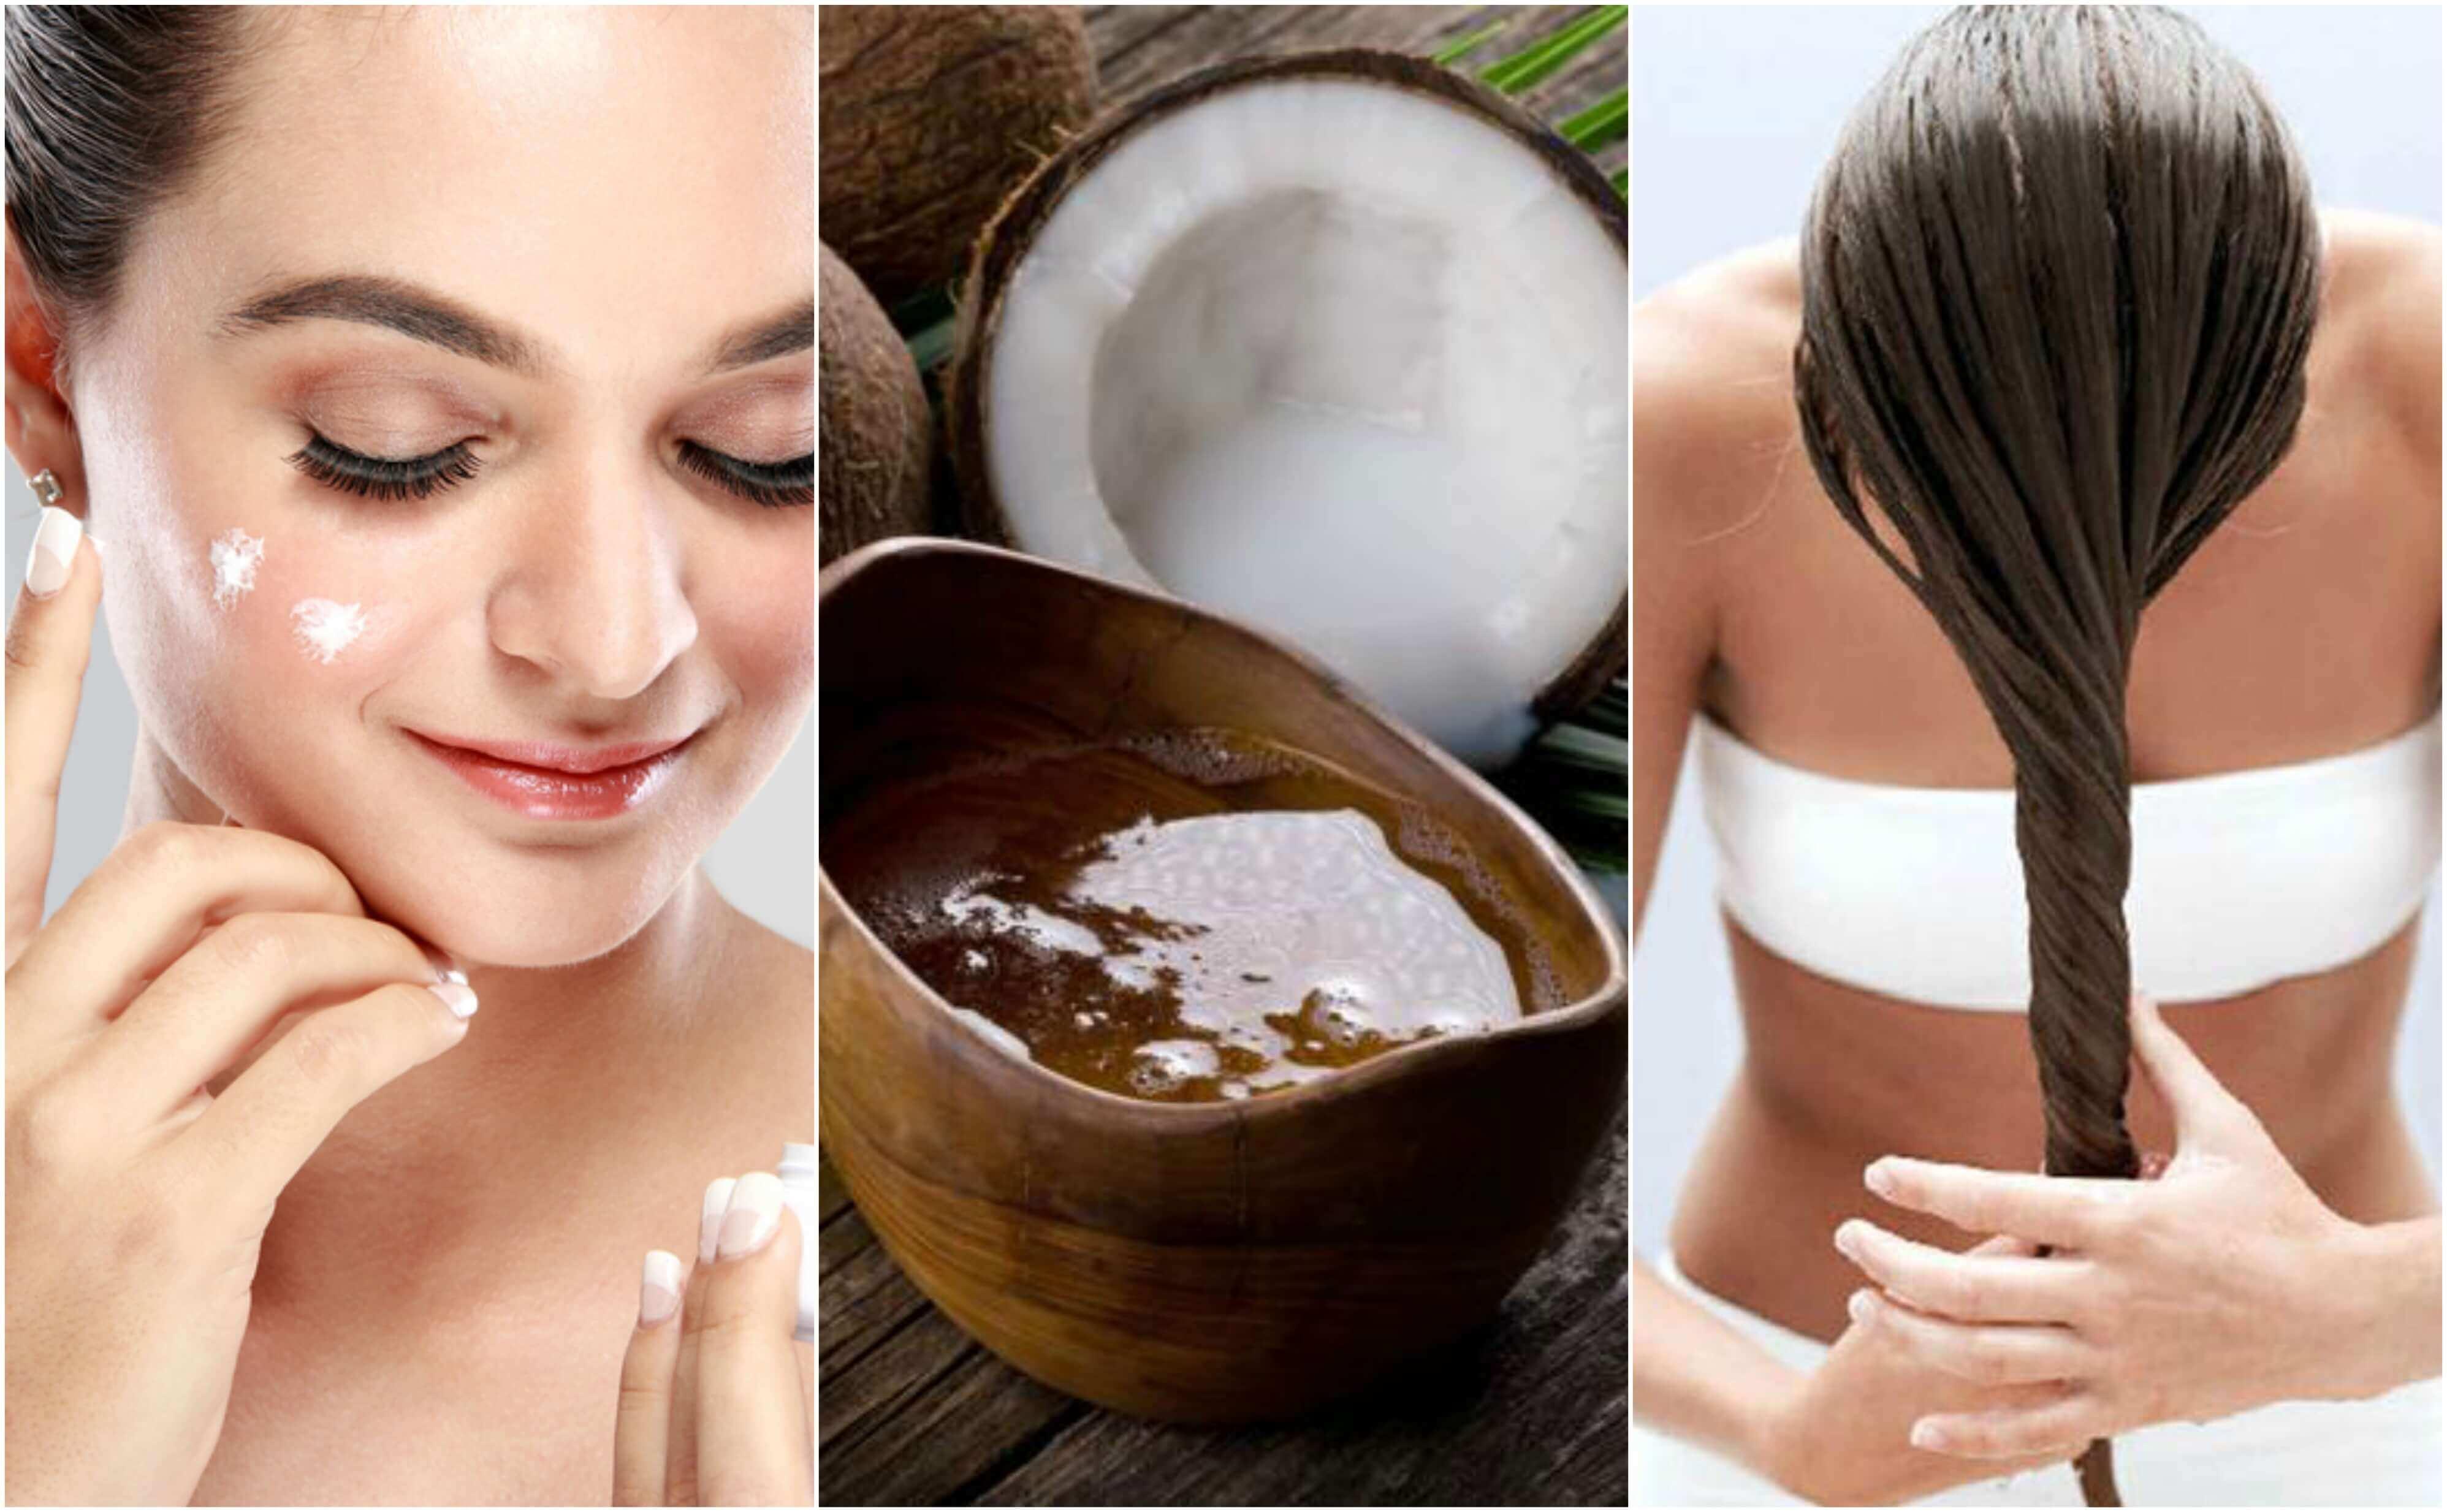 Oppdag 5 kosmetiske bruksområder for kokosolje